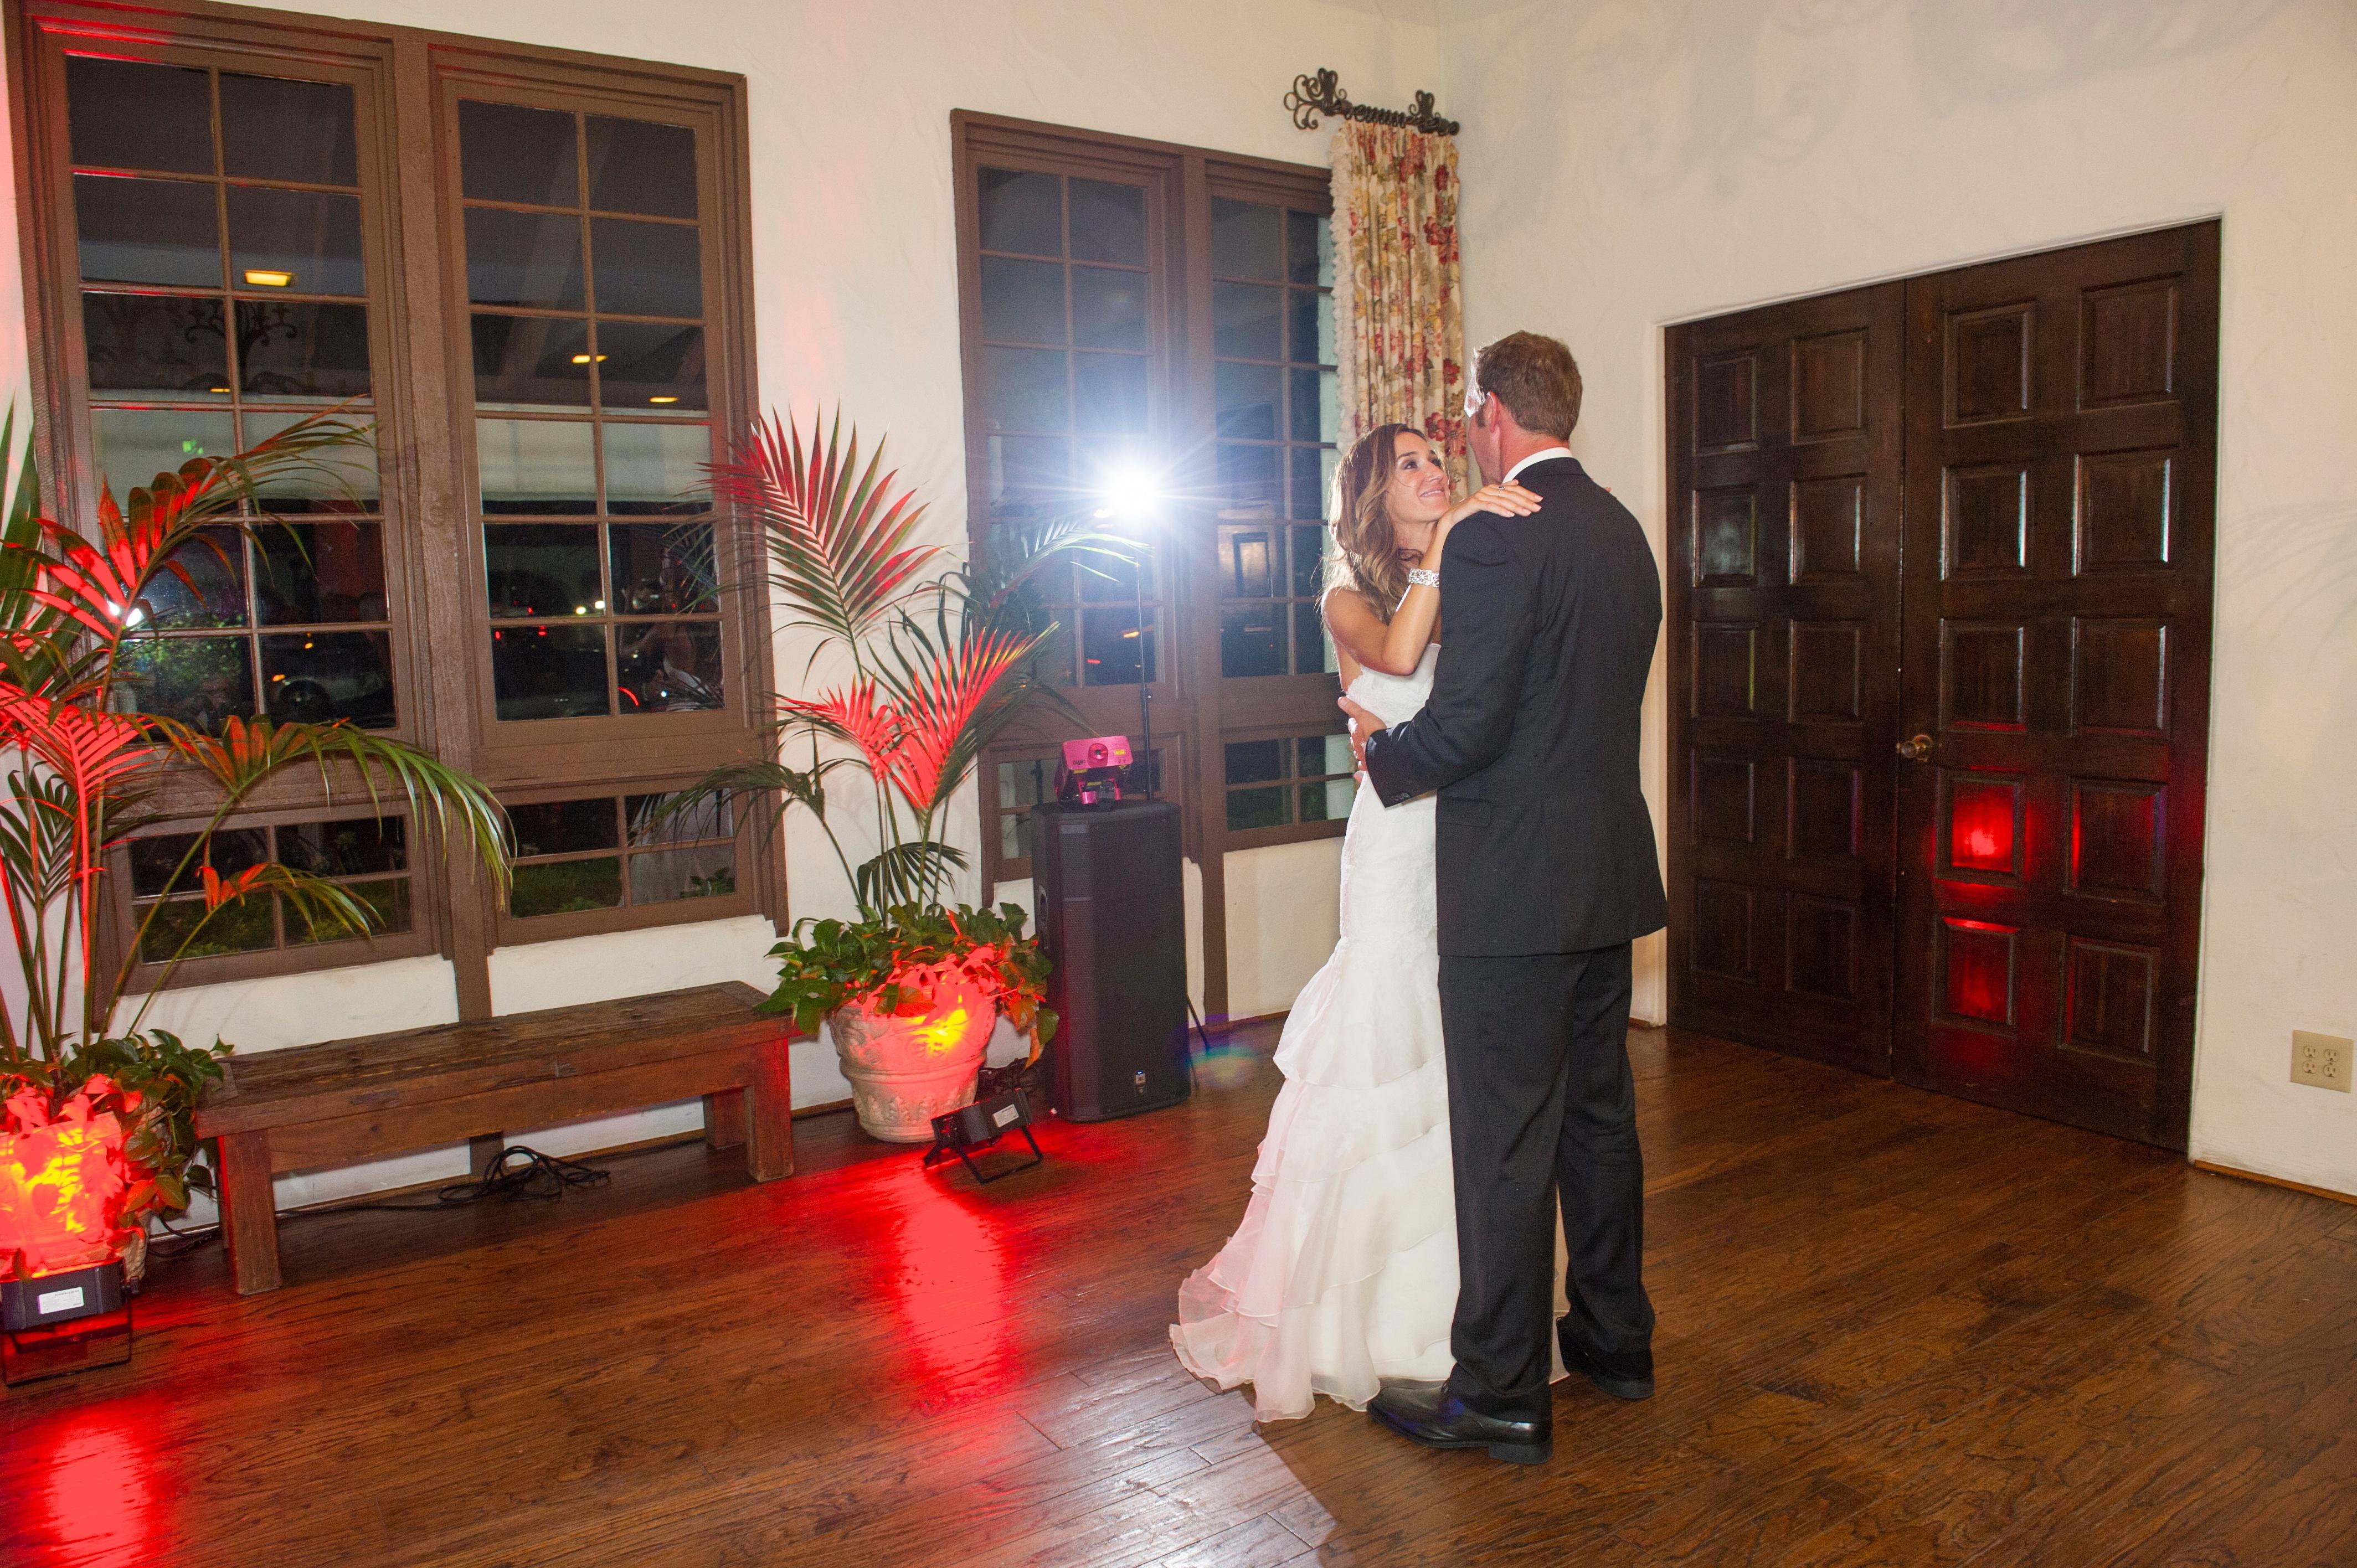 First dance, wedding dance,